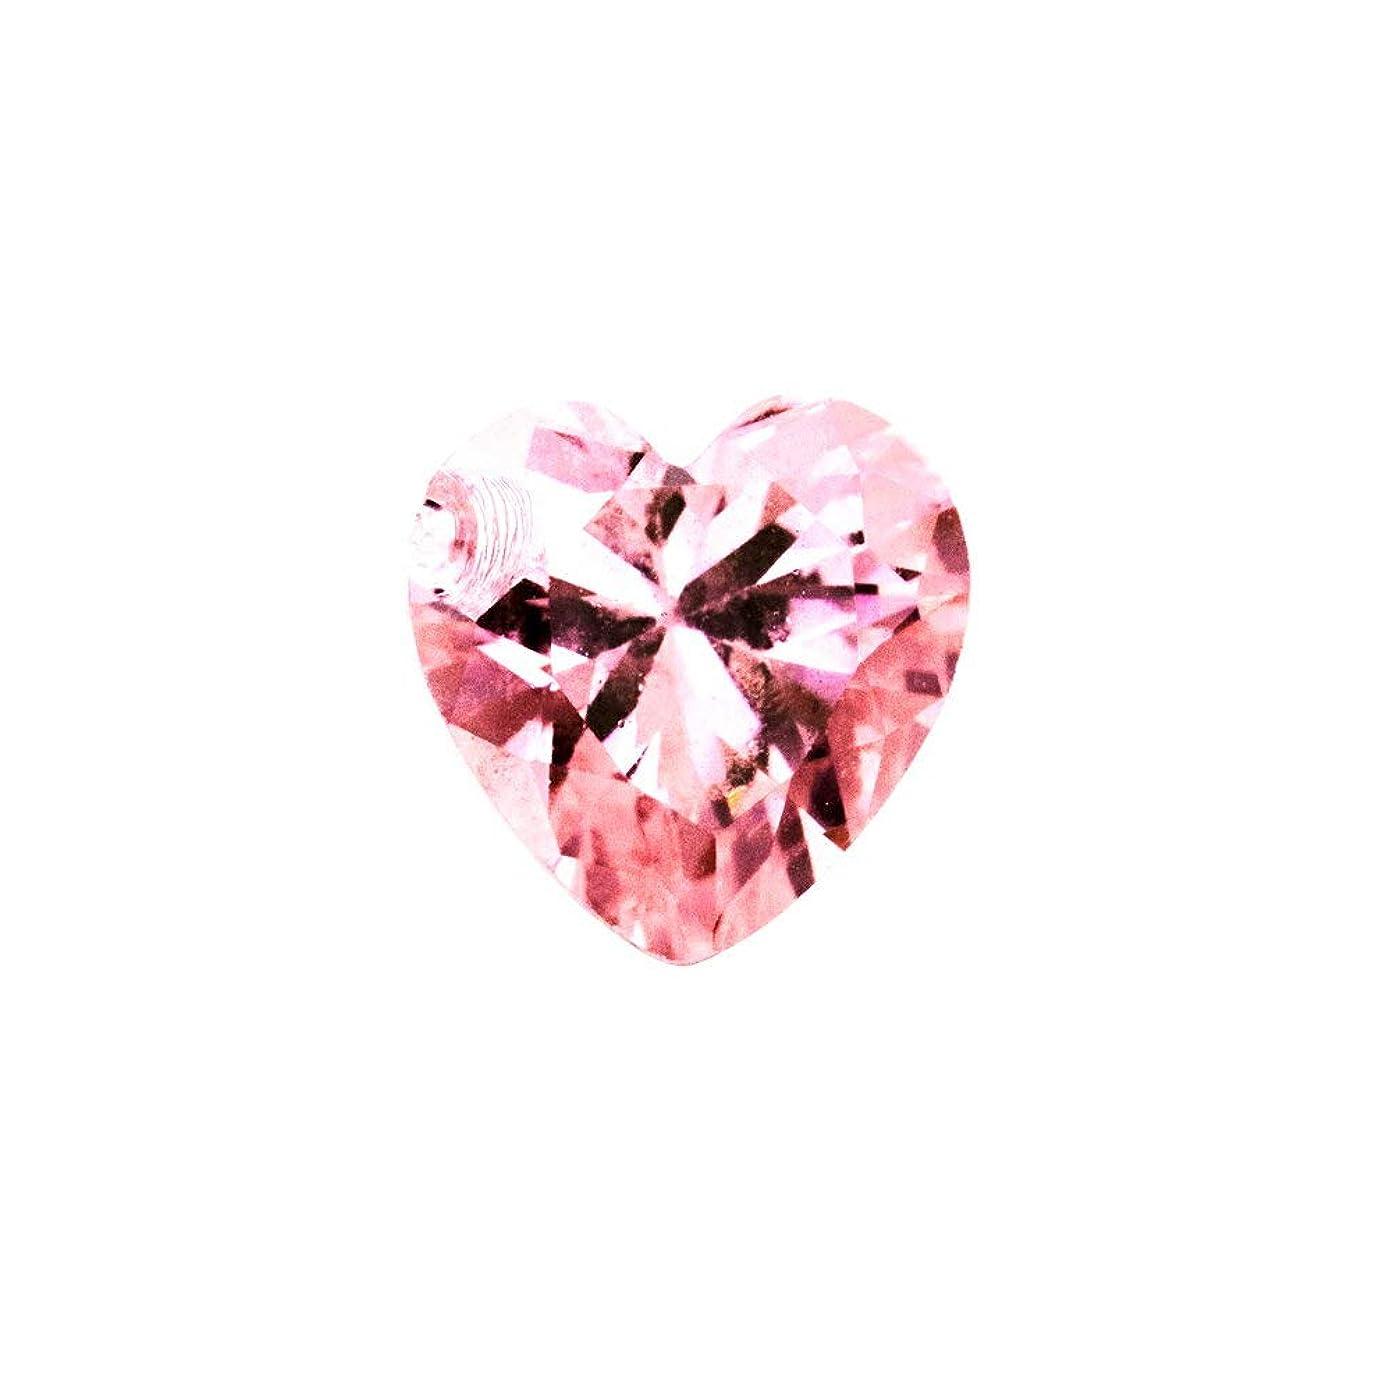 歩く定期的無限irogel イロジェル ラインストーン ジルコニア製 グロッシーストーン【ピンク】6mm 4個入り